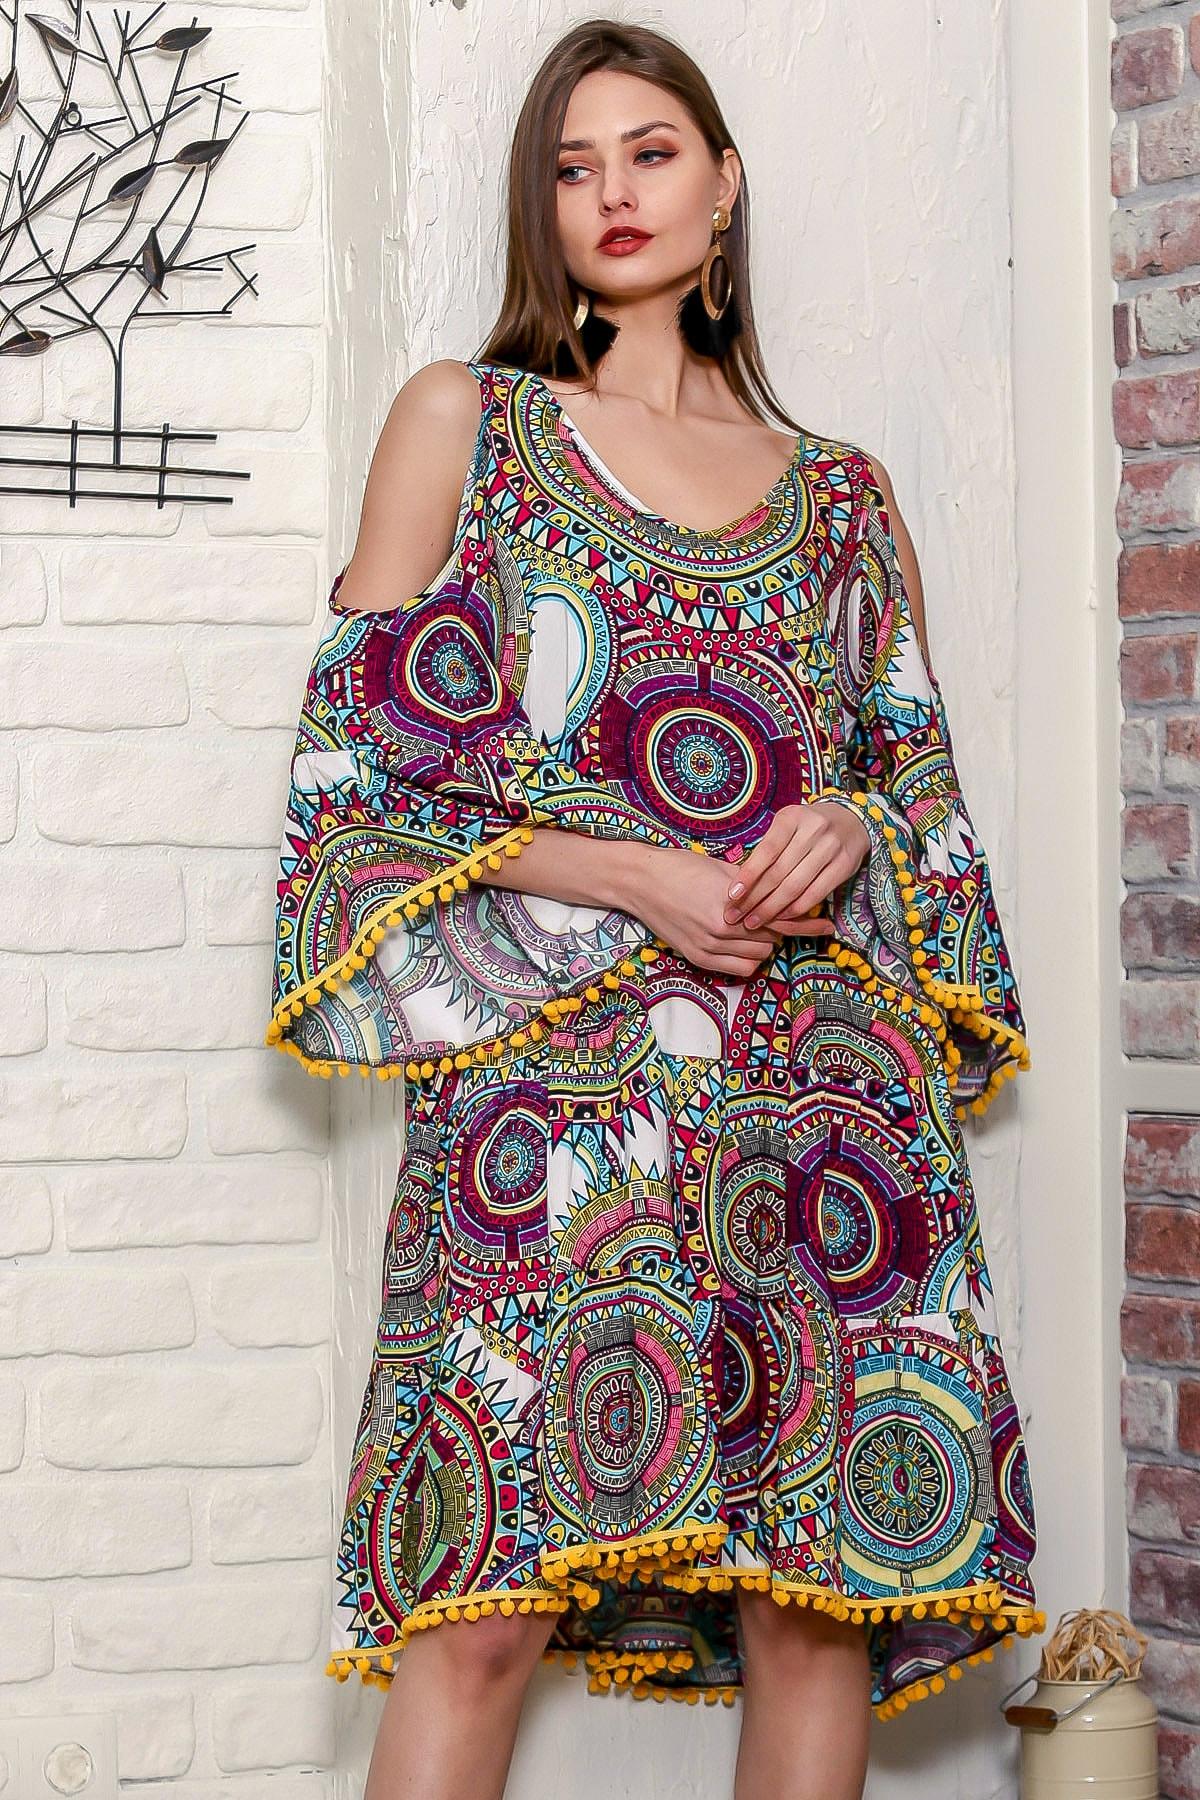 Chiccy Kadın Yeşil Omuzları Pencereli Geometrik Desen Kolları Volanlı Ponponlu Salaş Elbise